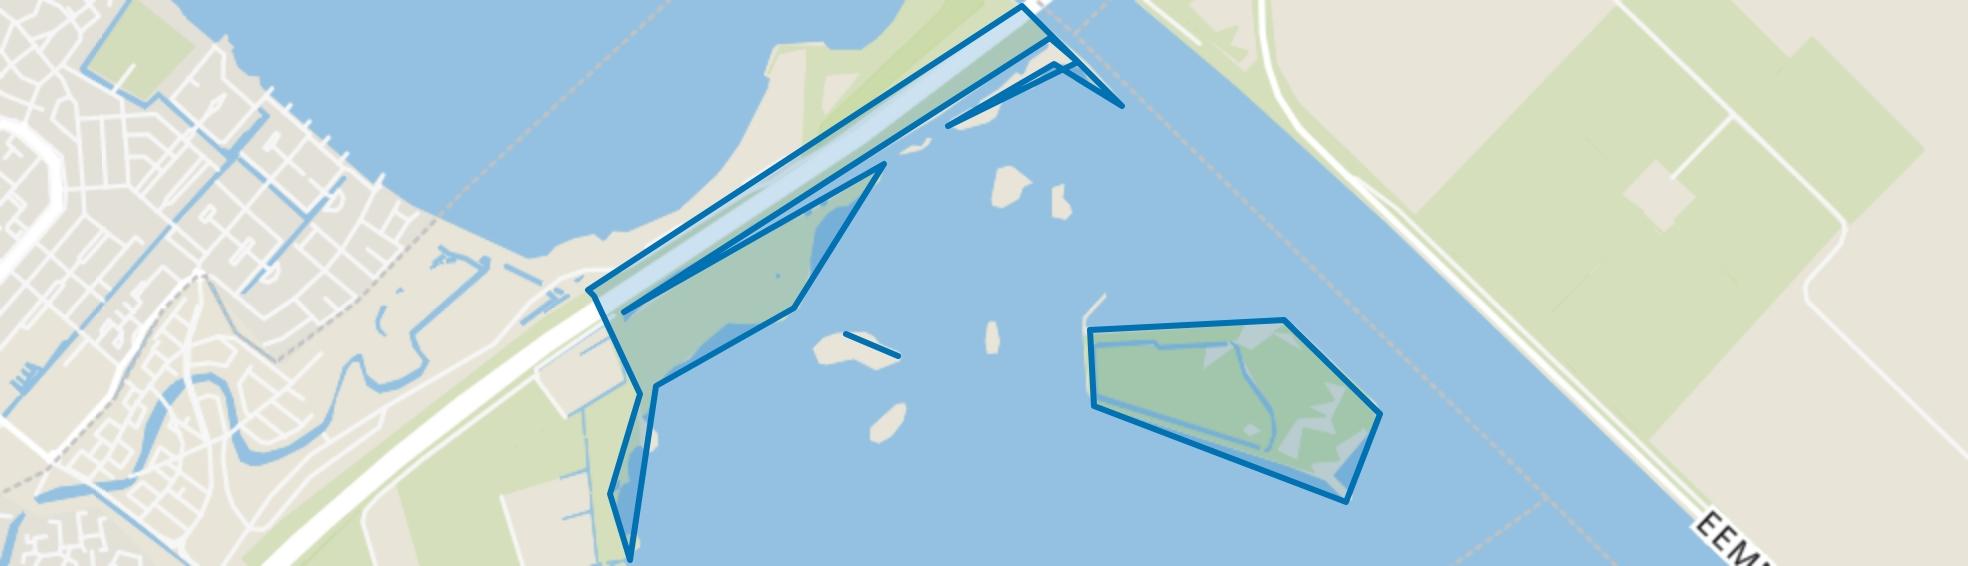 Eemmeer-Blaricum, Blaricum map